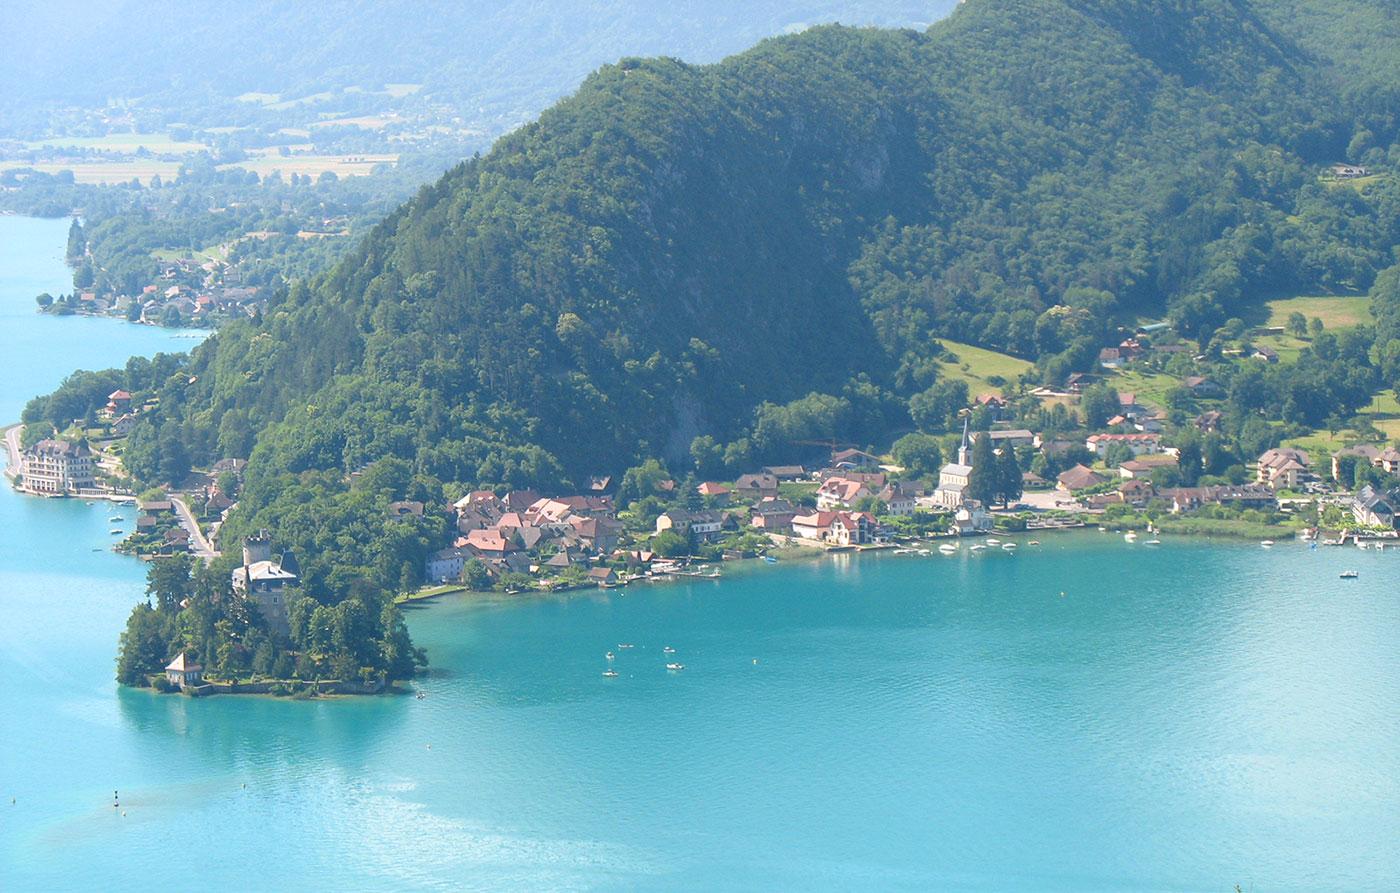 Lac Annecy - Crédit photos : A. Huchet (tous droits réservés)